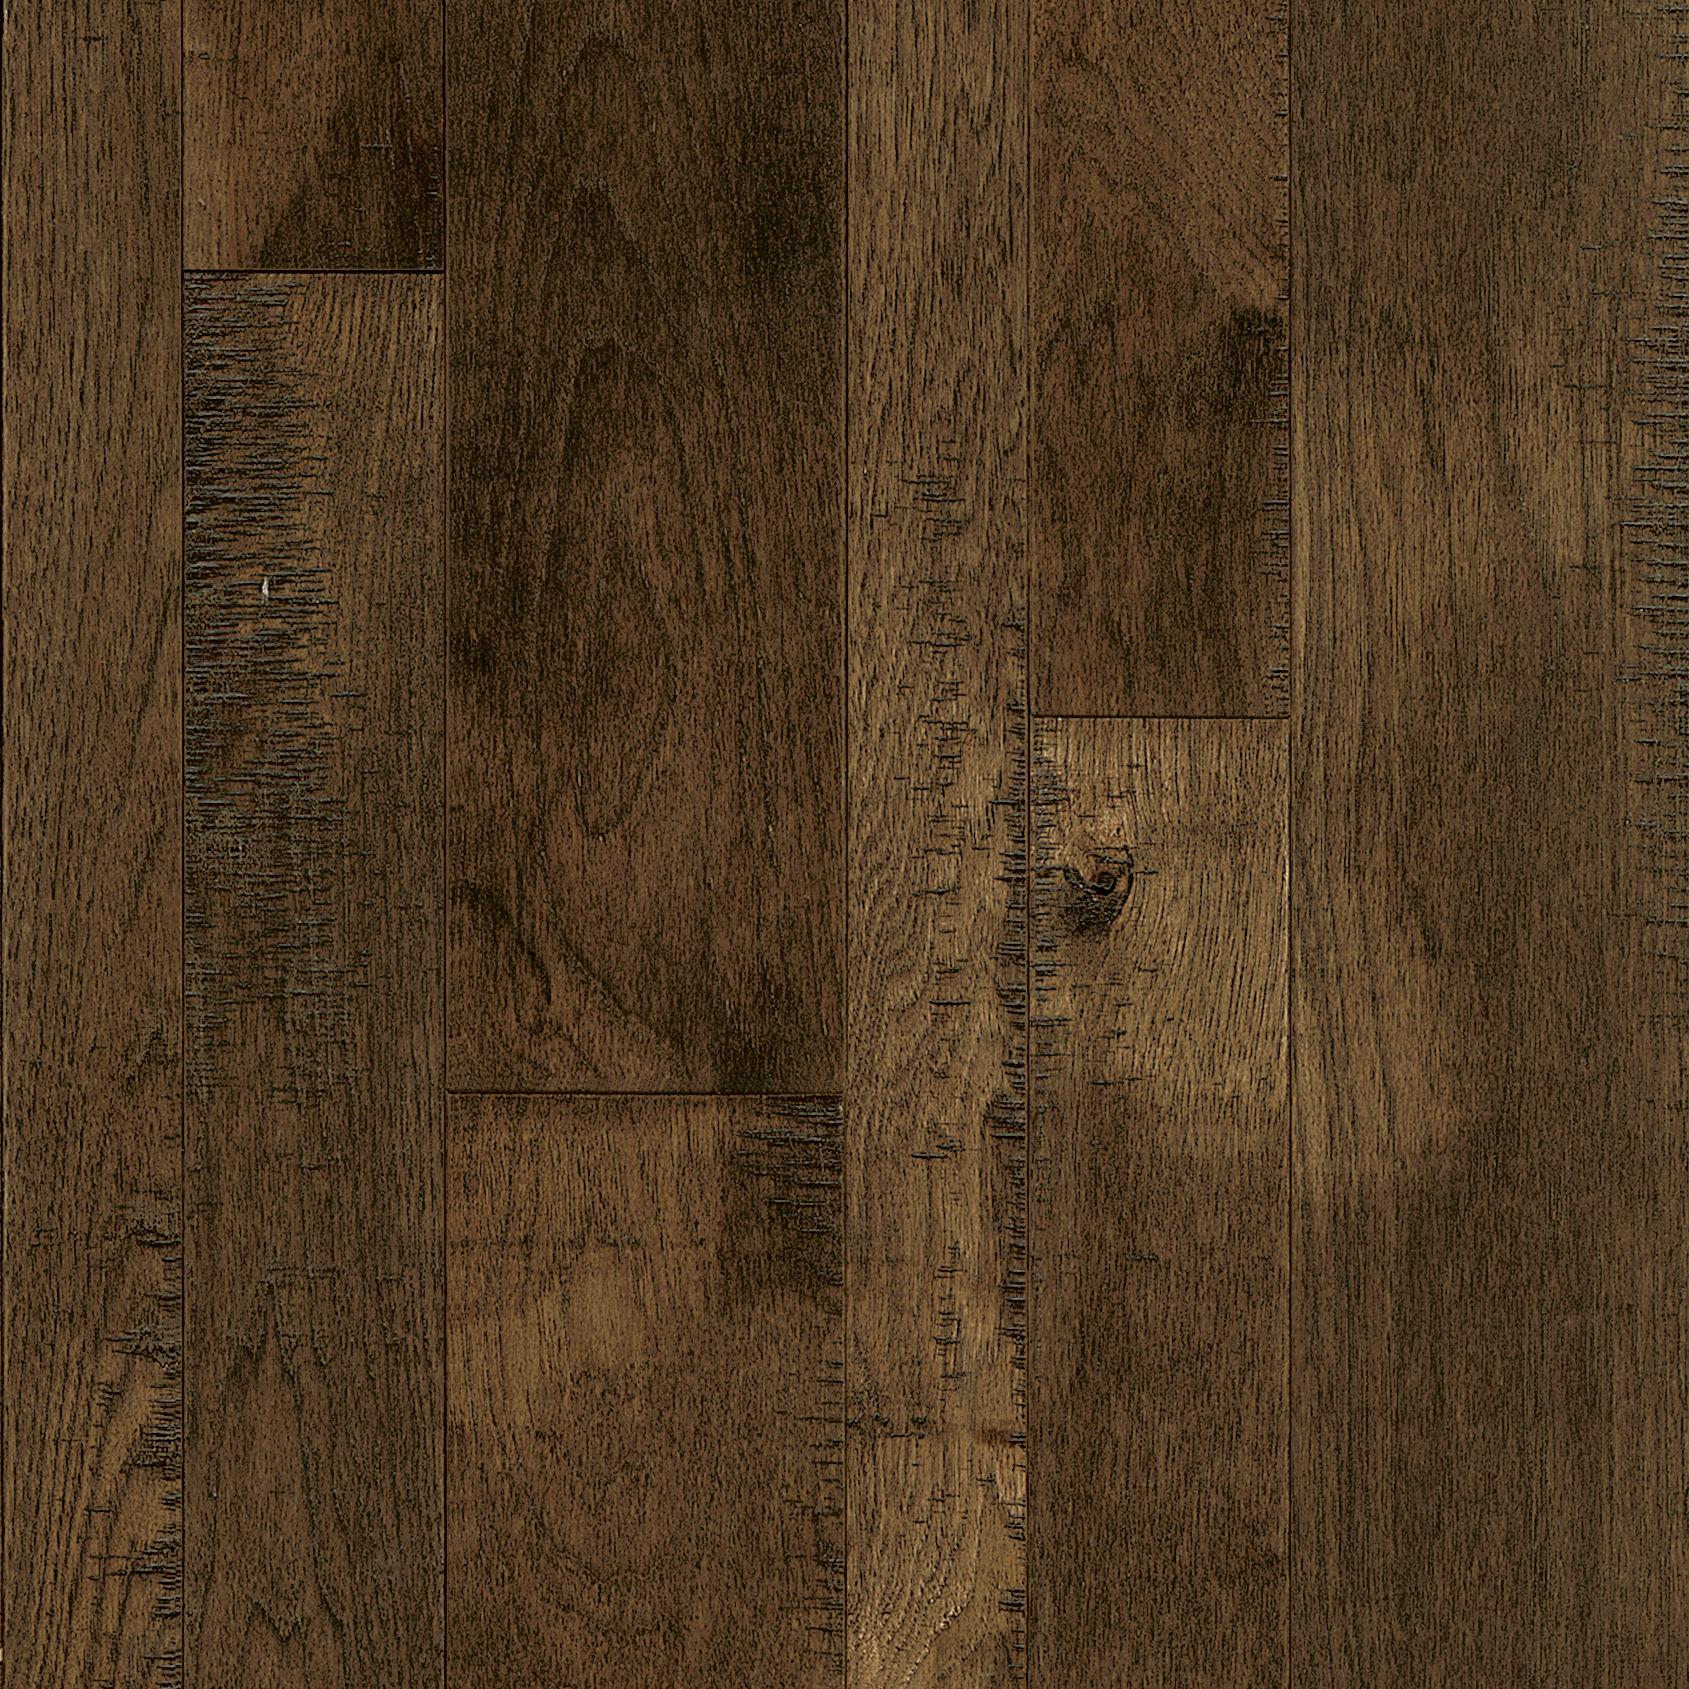 Bark Brown Hickory